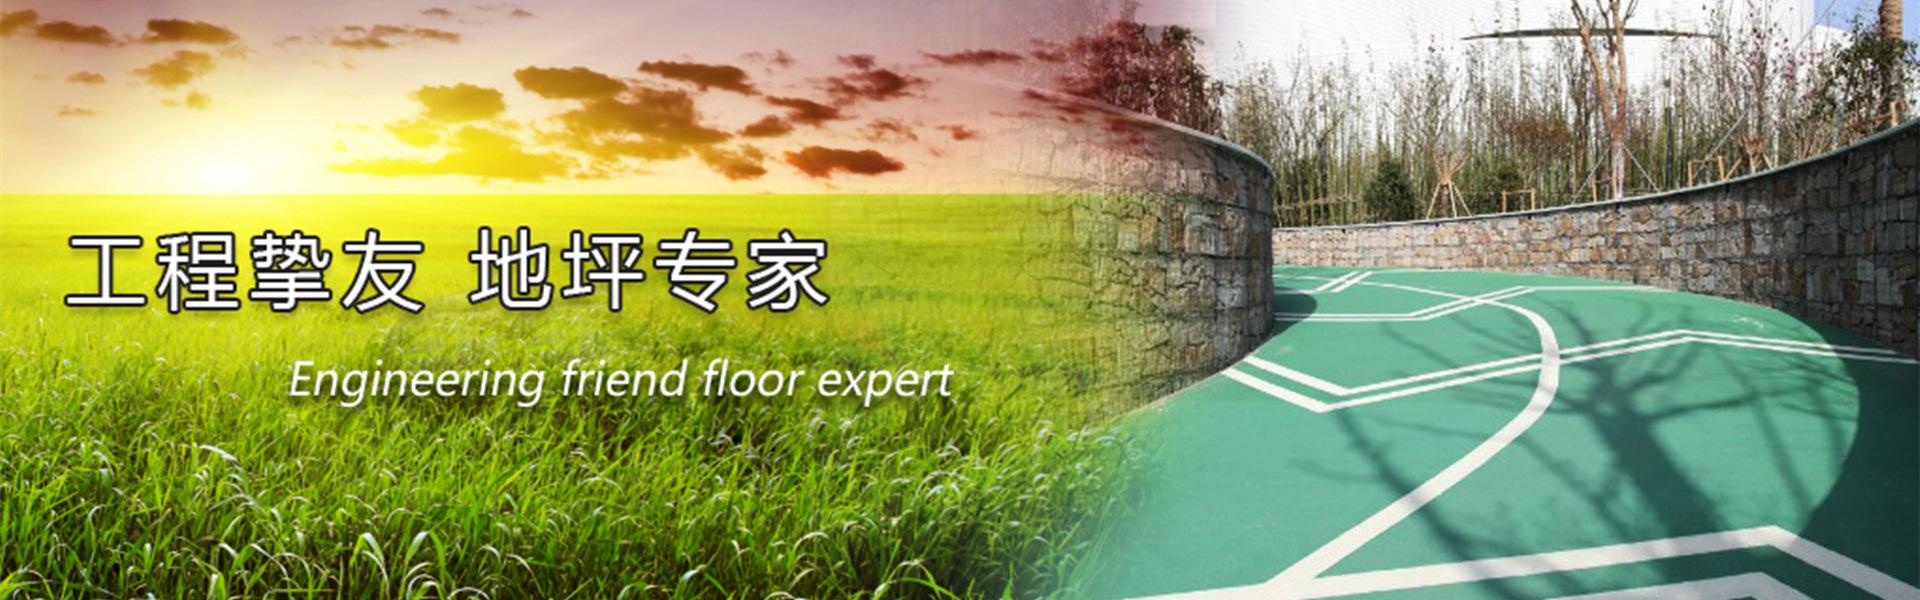 西安和记官网建材科技有限公司